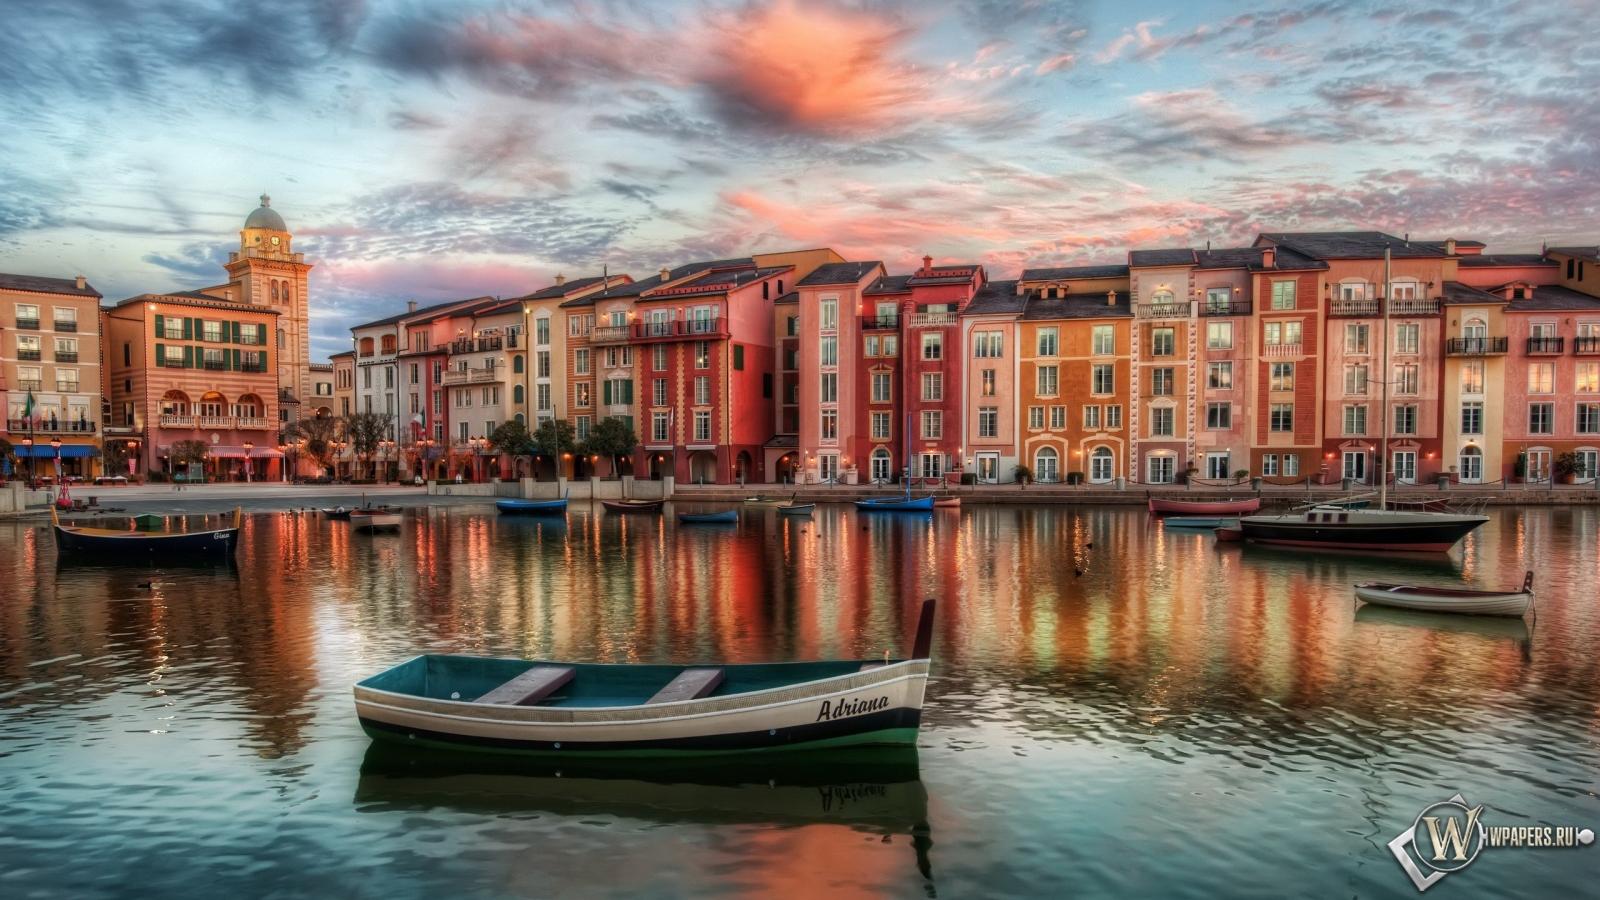 Обои тихое утро в венеции италия на